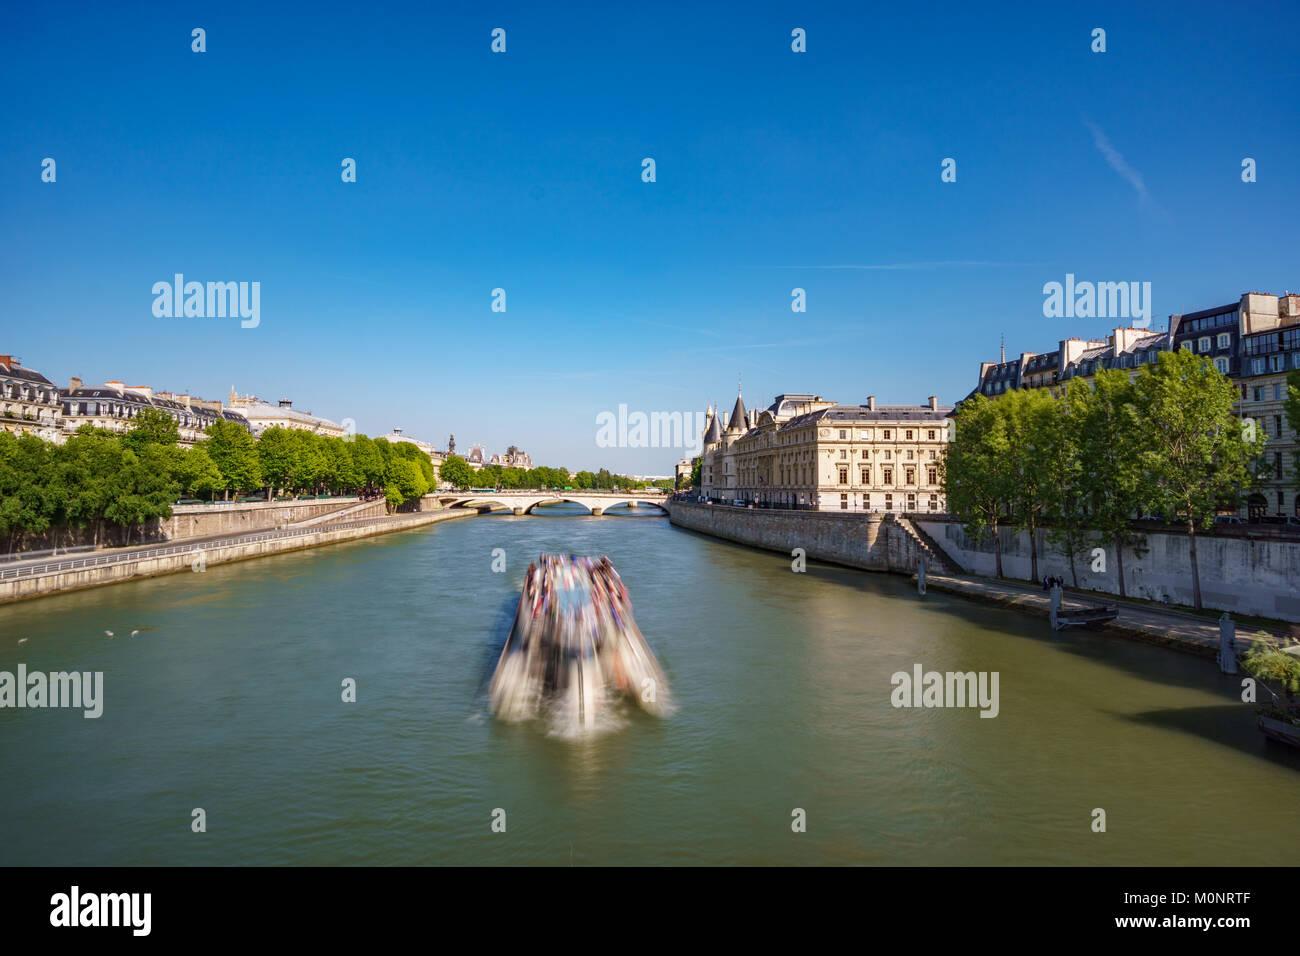 Blurred tourist boat over Seine river in Paris - Stock Image